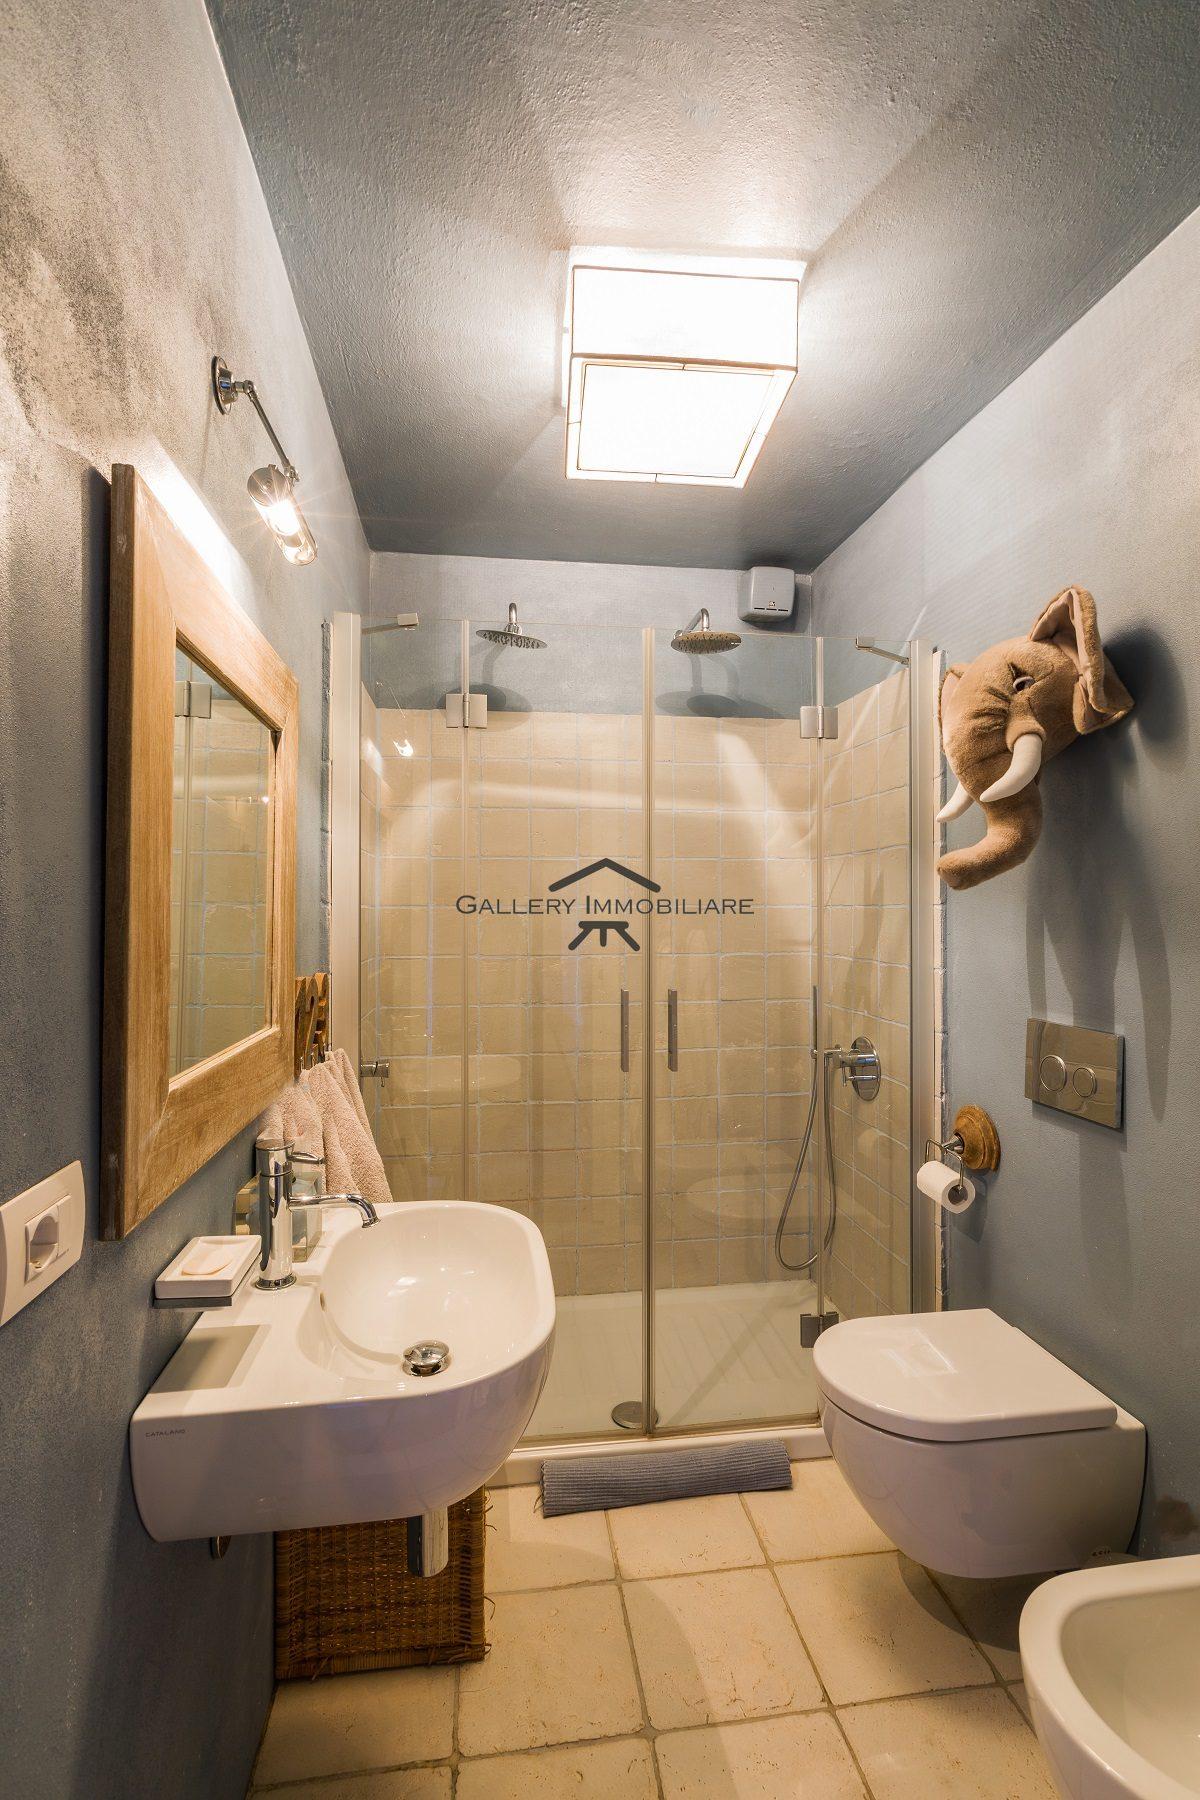 In vendita porzione di colonica presso bagno a ripoli rimaggio - Case vendita bagno a ripoli ...